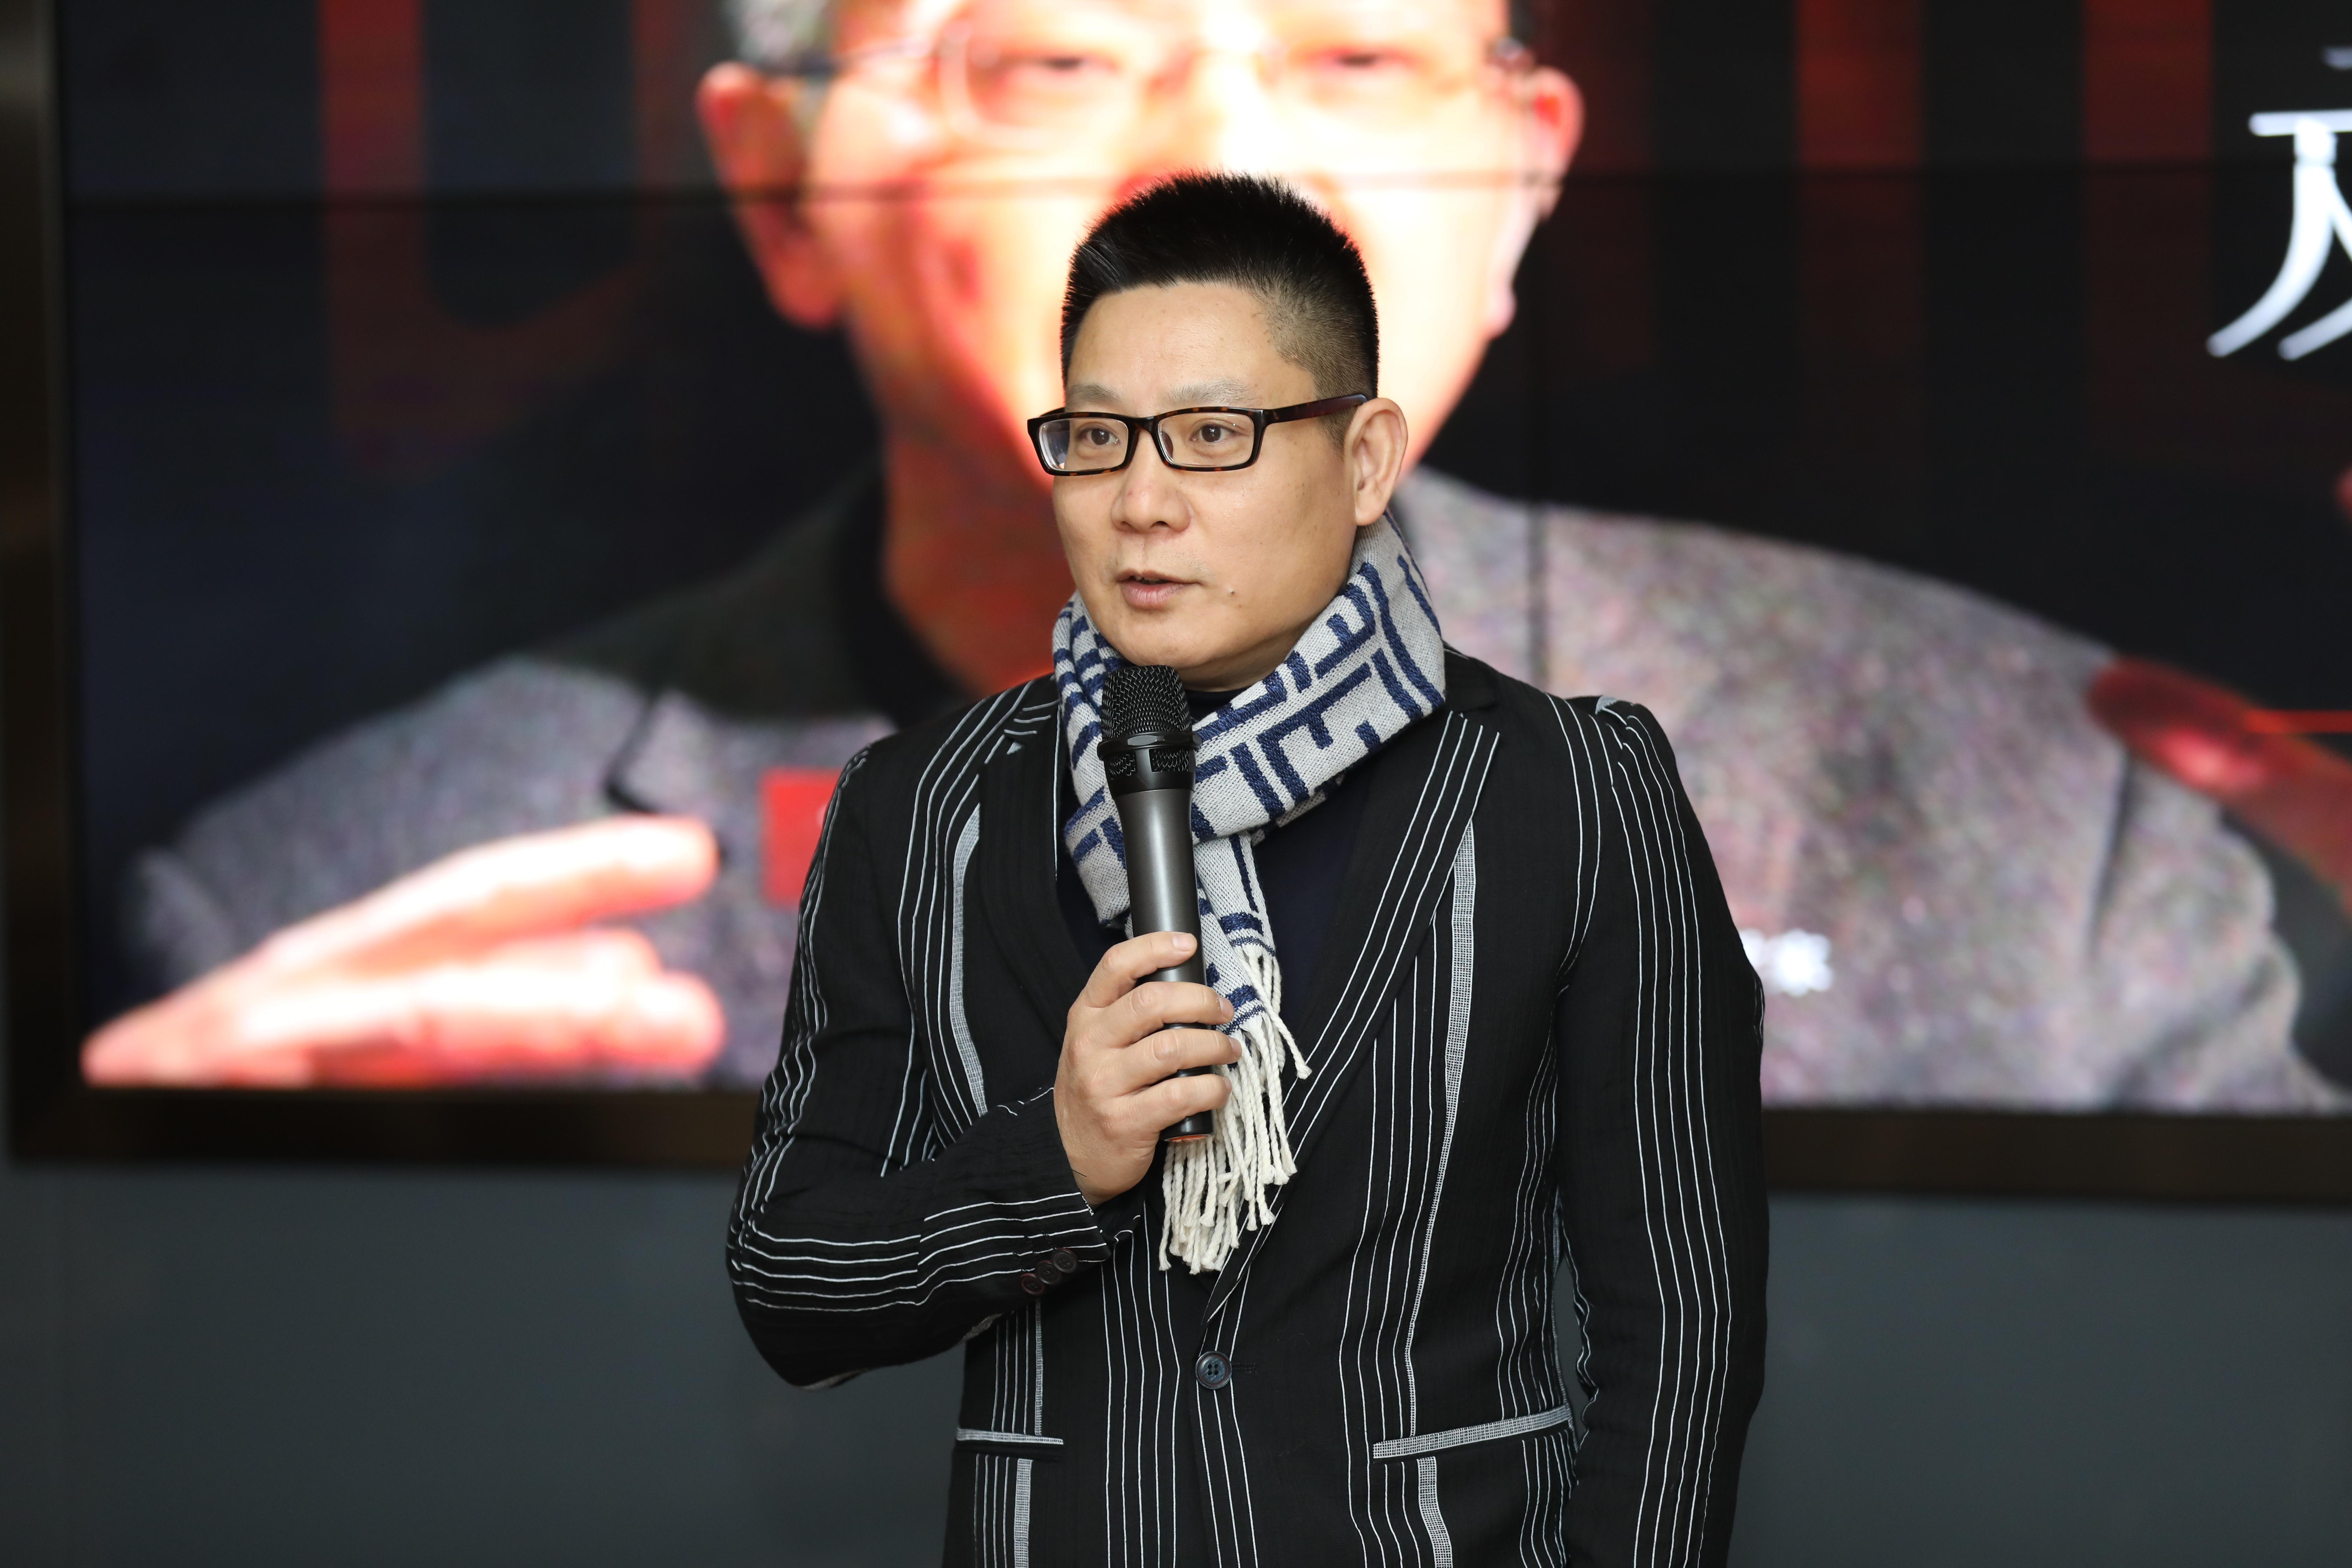 (网易传媒副总编辑、00派理事长姚长盛)